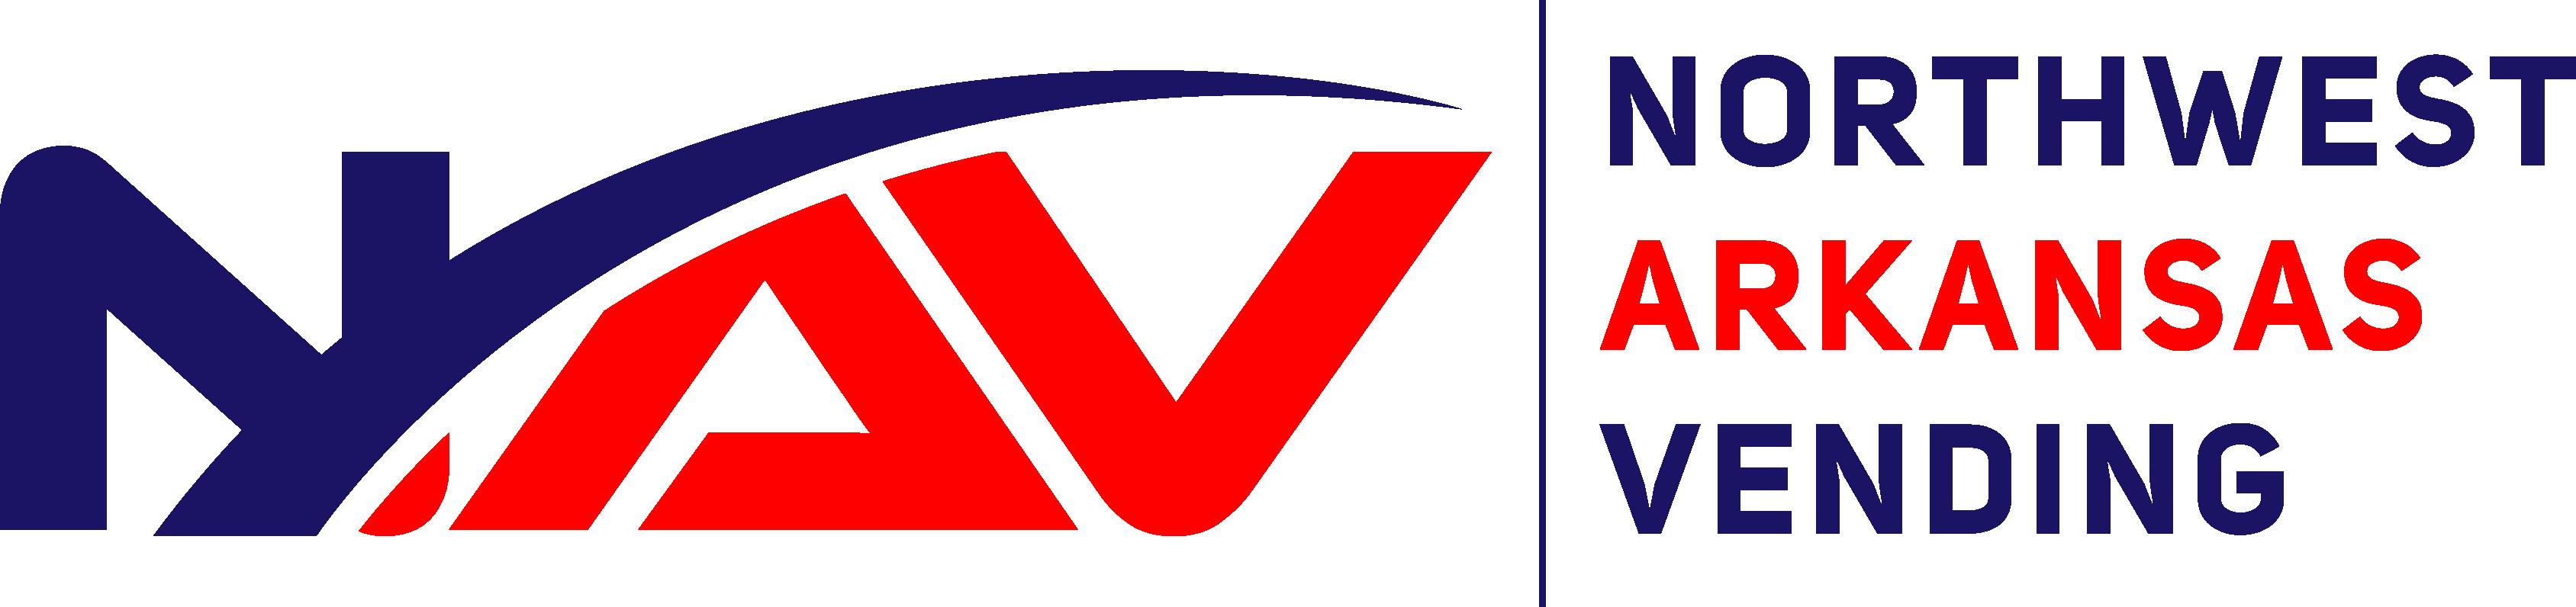 Northwest Arkansas Vending logo